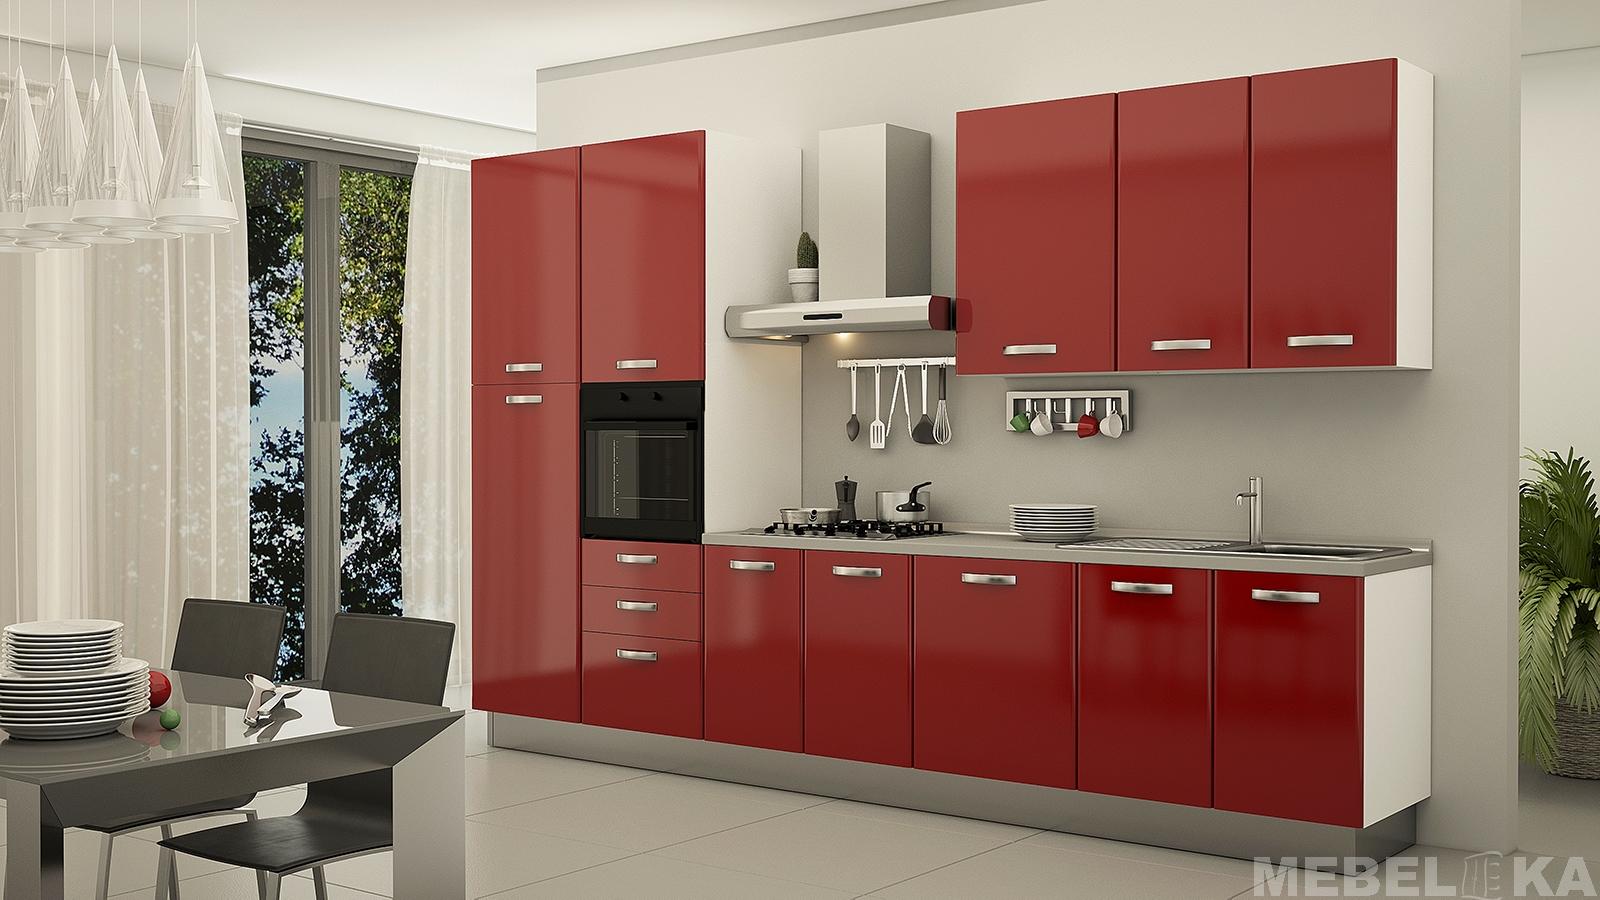 Pannelli Per Cucina Ikea. Cheap Di Piastrelle Cucina Ikea Com Com ...